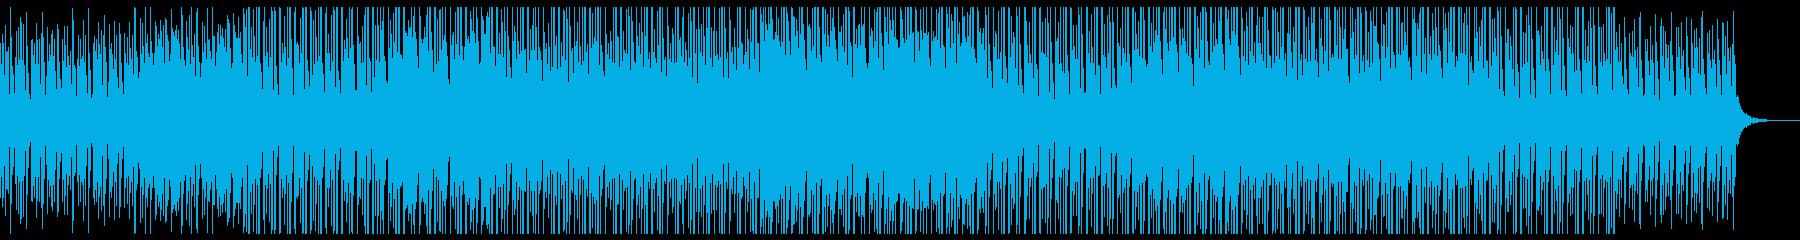 水をテーマにした深いリバーブのチルアウトの再生済みの波形